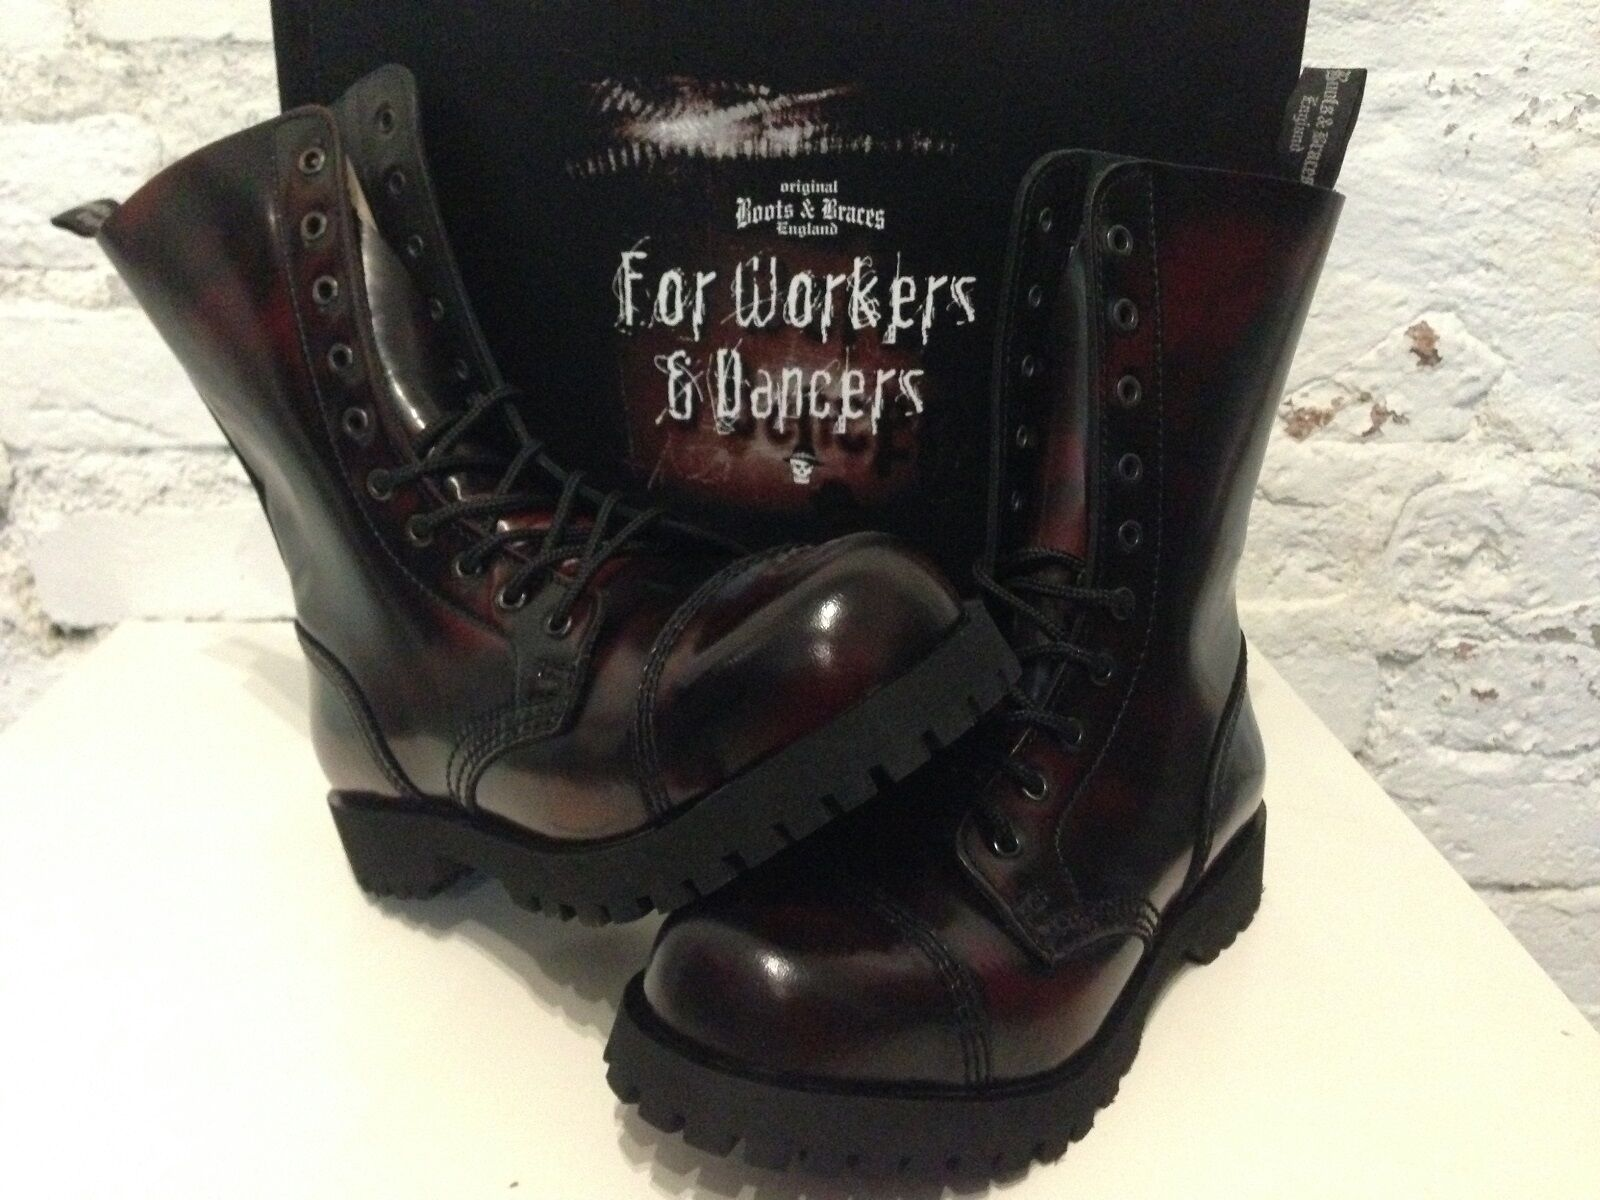 promozioni eccitanti stivali & & & Braces - 10 fori GOTHIC stivali di pelle con cappuccio acciaio Burgundy RUB-off  acquistare ora